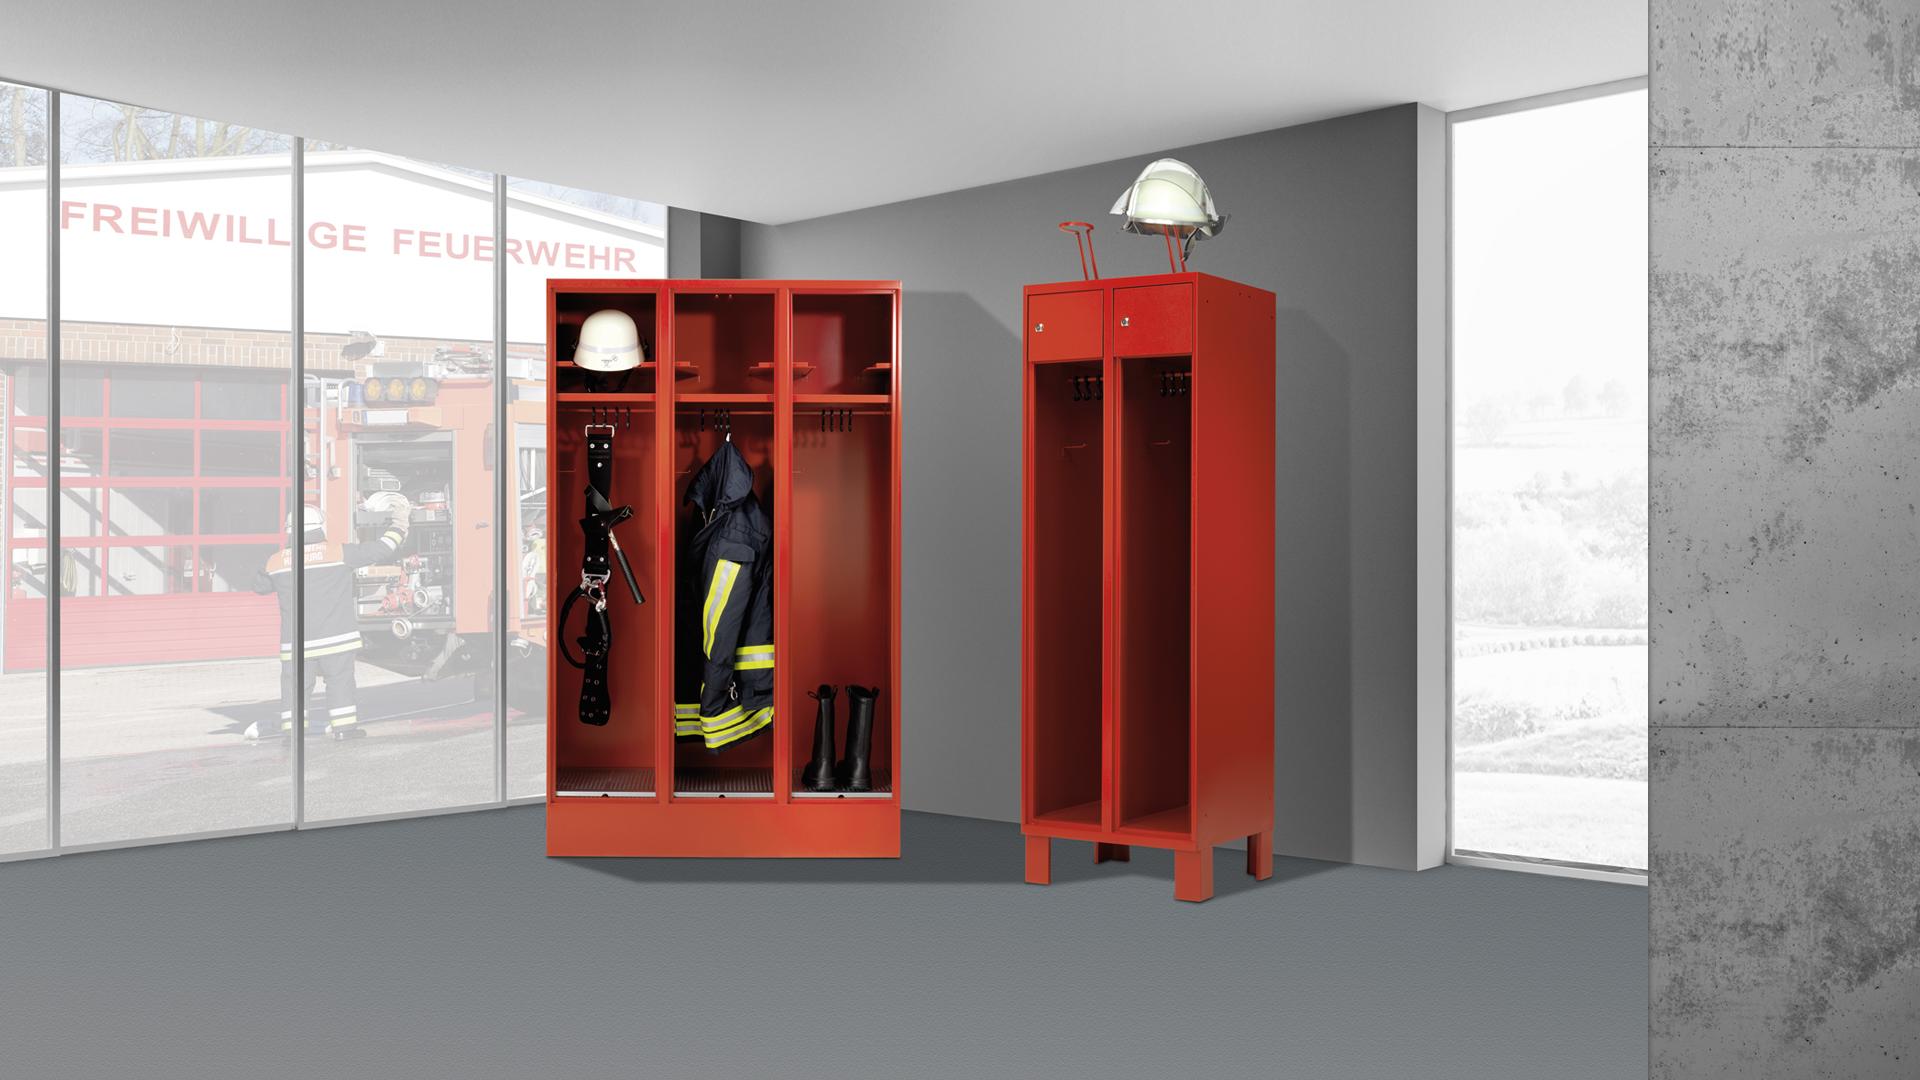 Schranksysteme-Spezialschrank-Feuerwehrschrank-lotthelm-FW-mauser-sliderETLP3WLWQrVg0